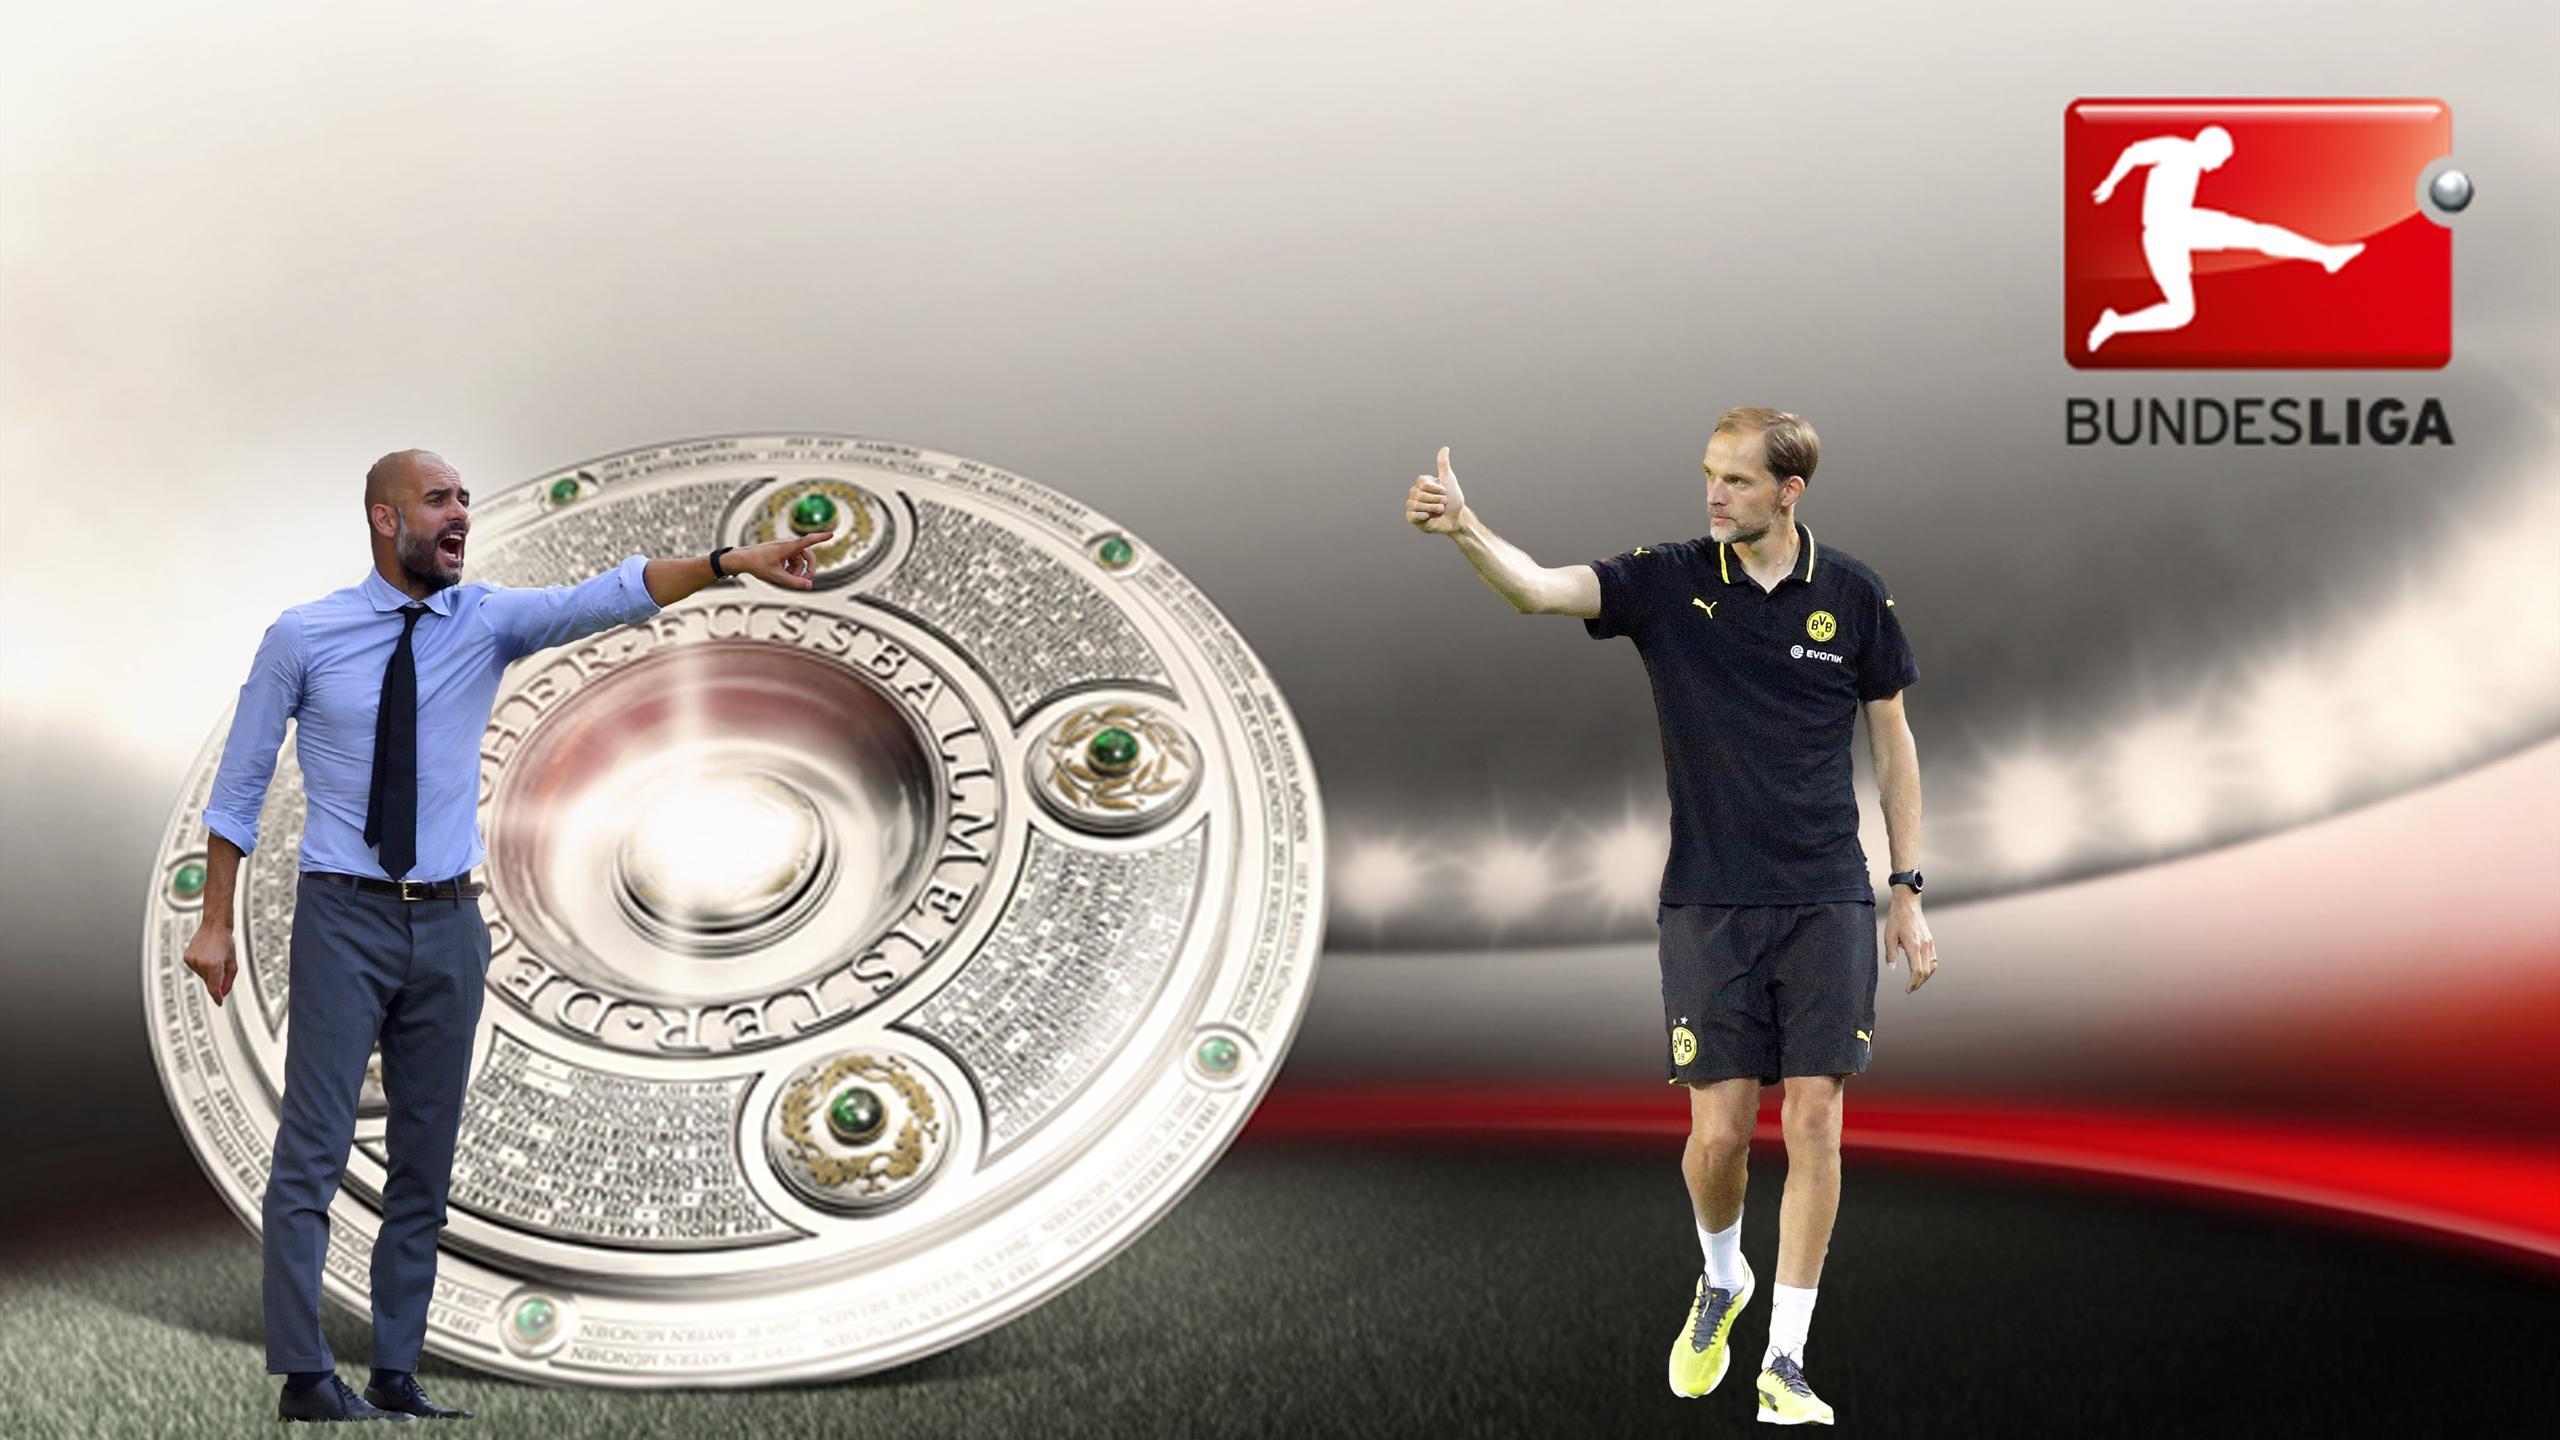 Составы немецких футбольных клубов в бундас лиге